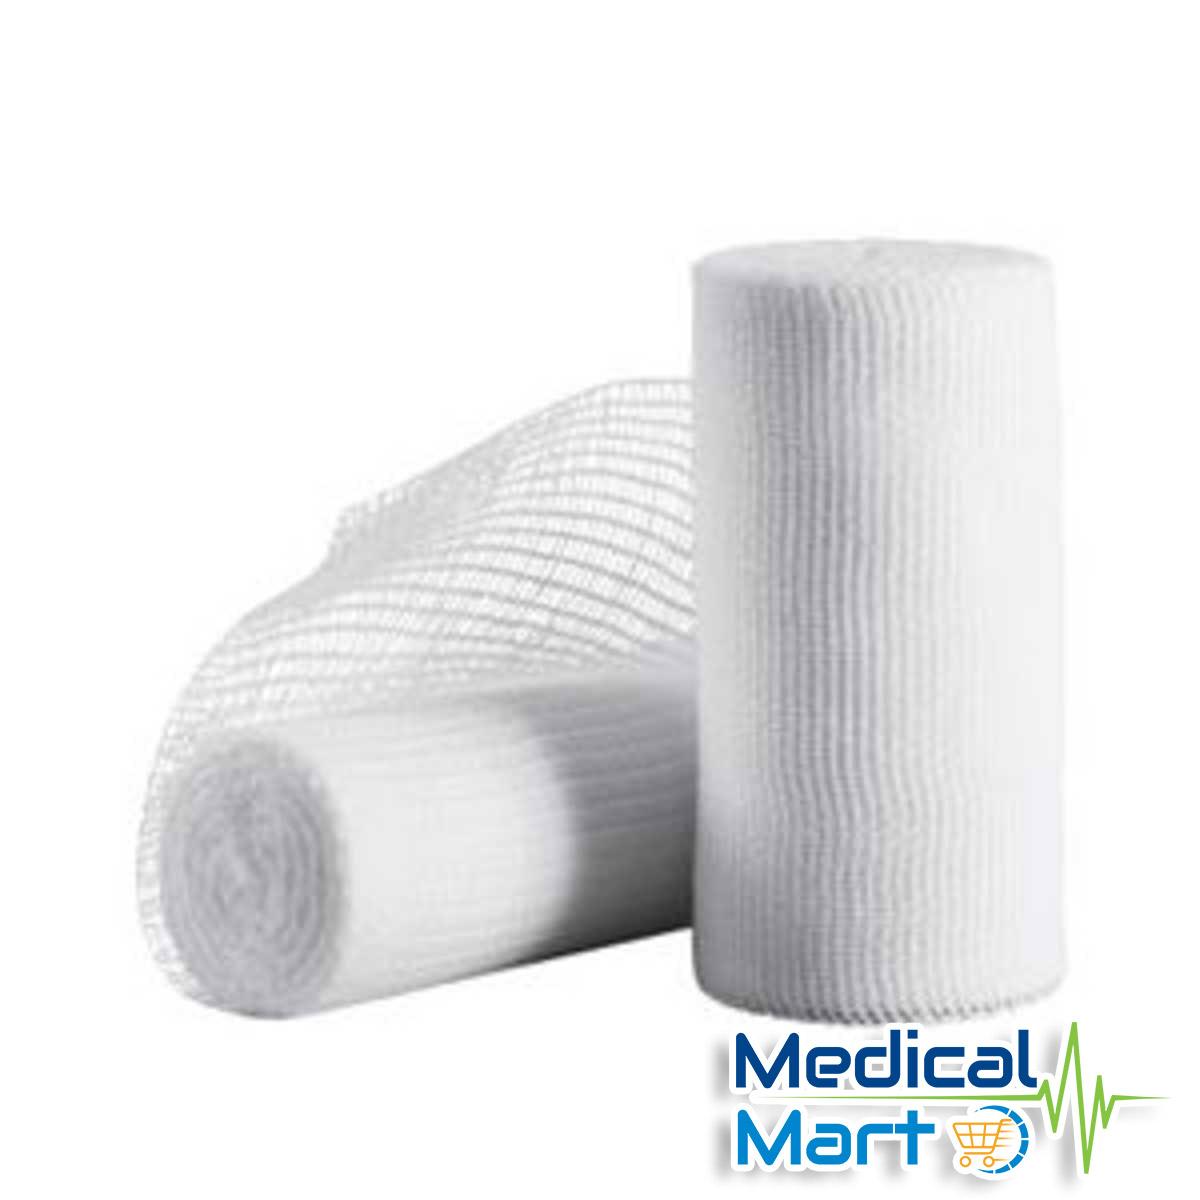 Gauze Bandage 2 Inch